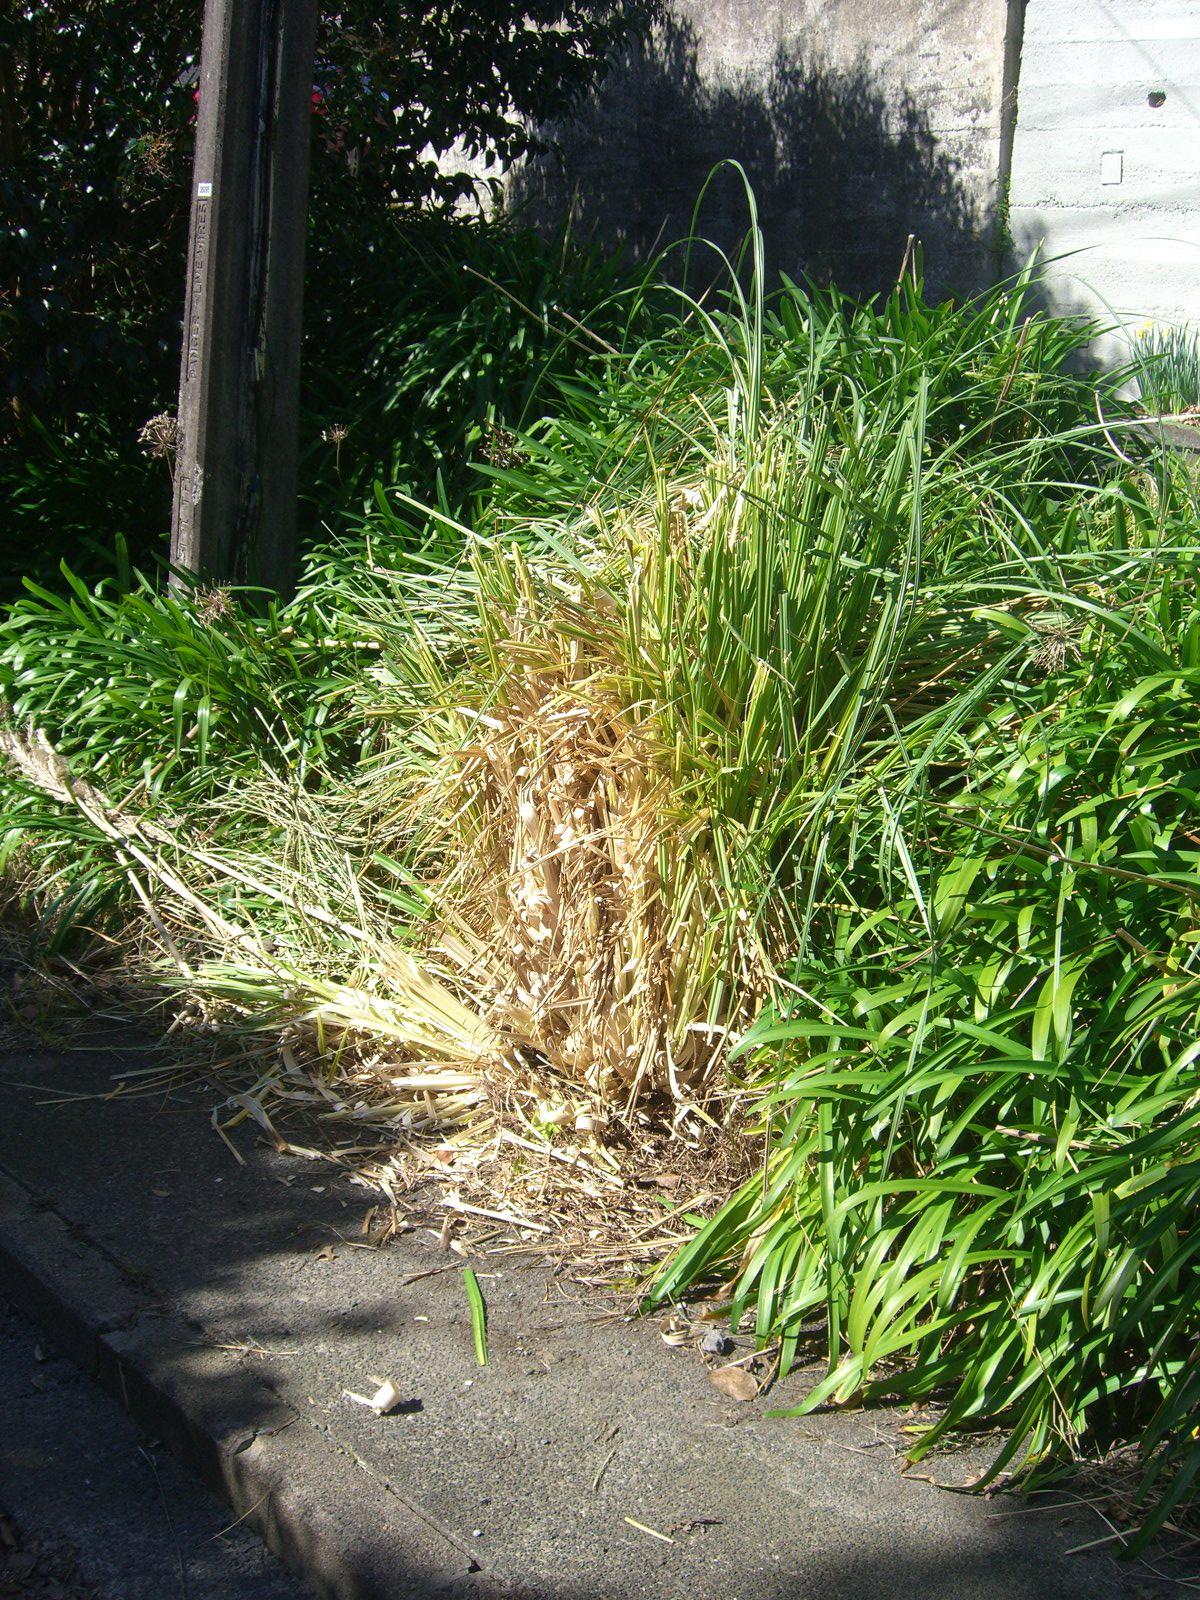 Dave S Garden Nz Toi Toi Bush Or Is It Pampas Grass